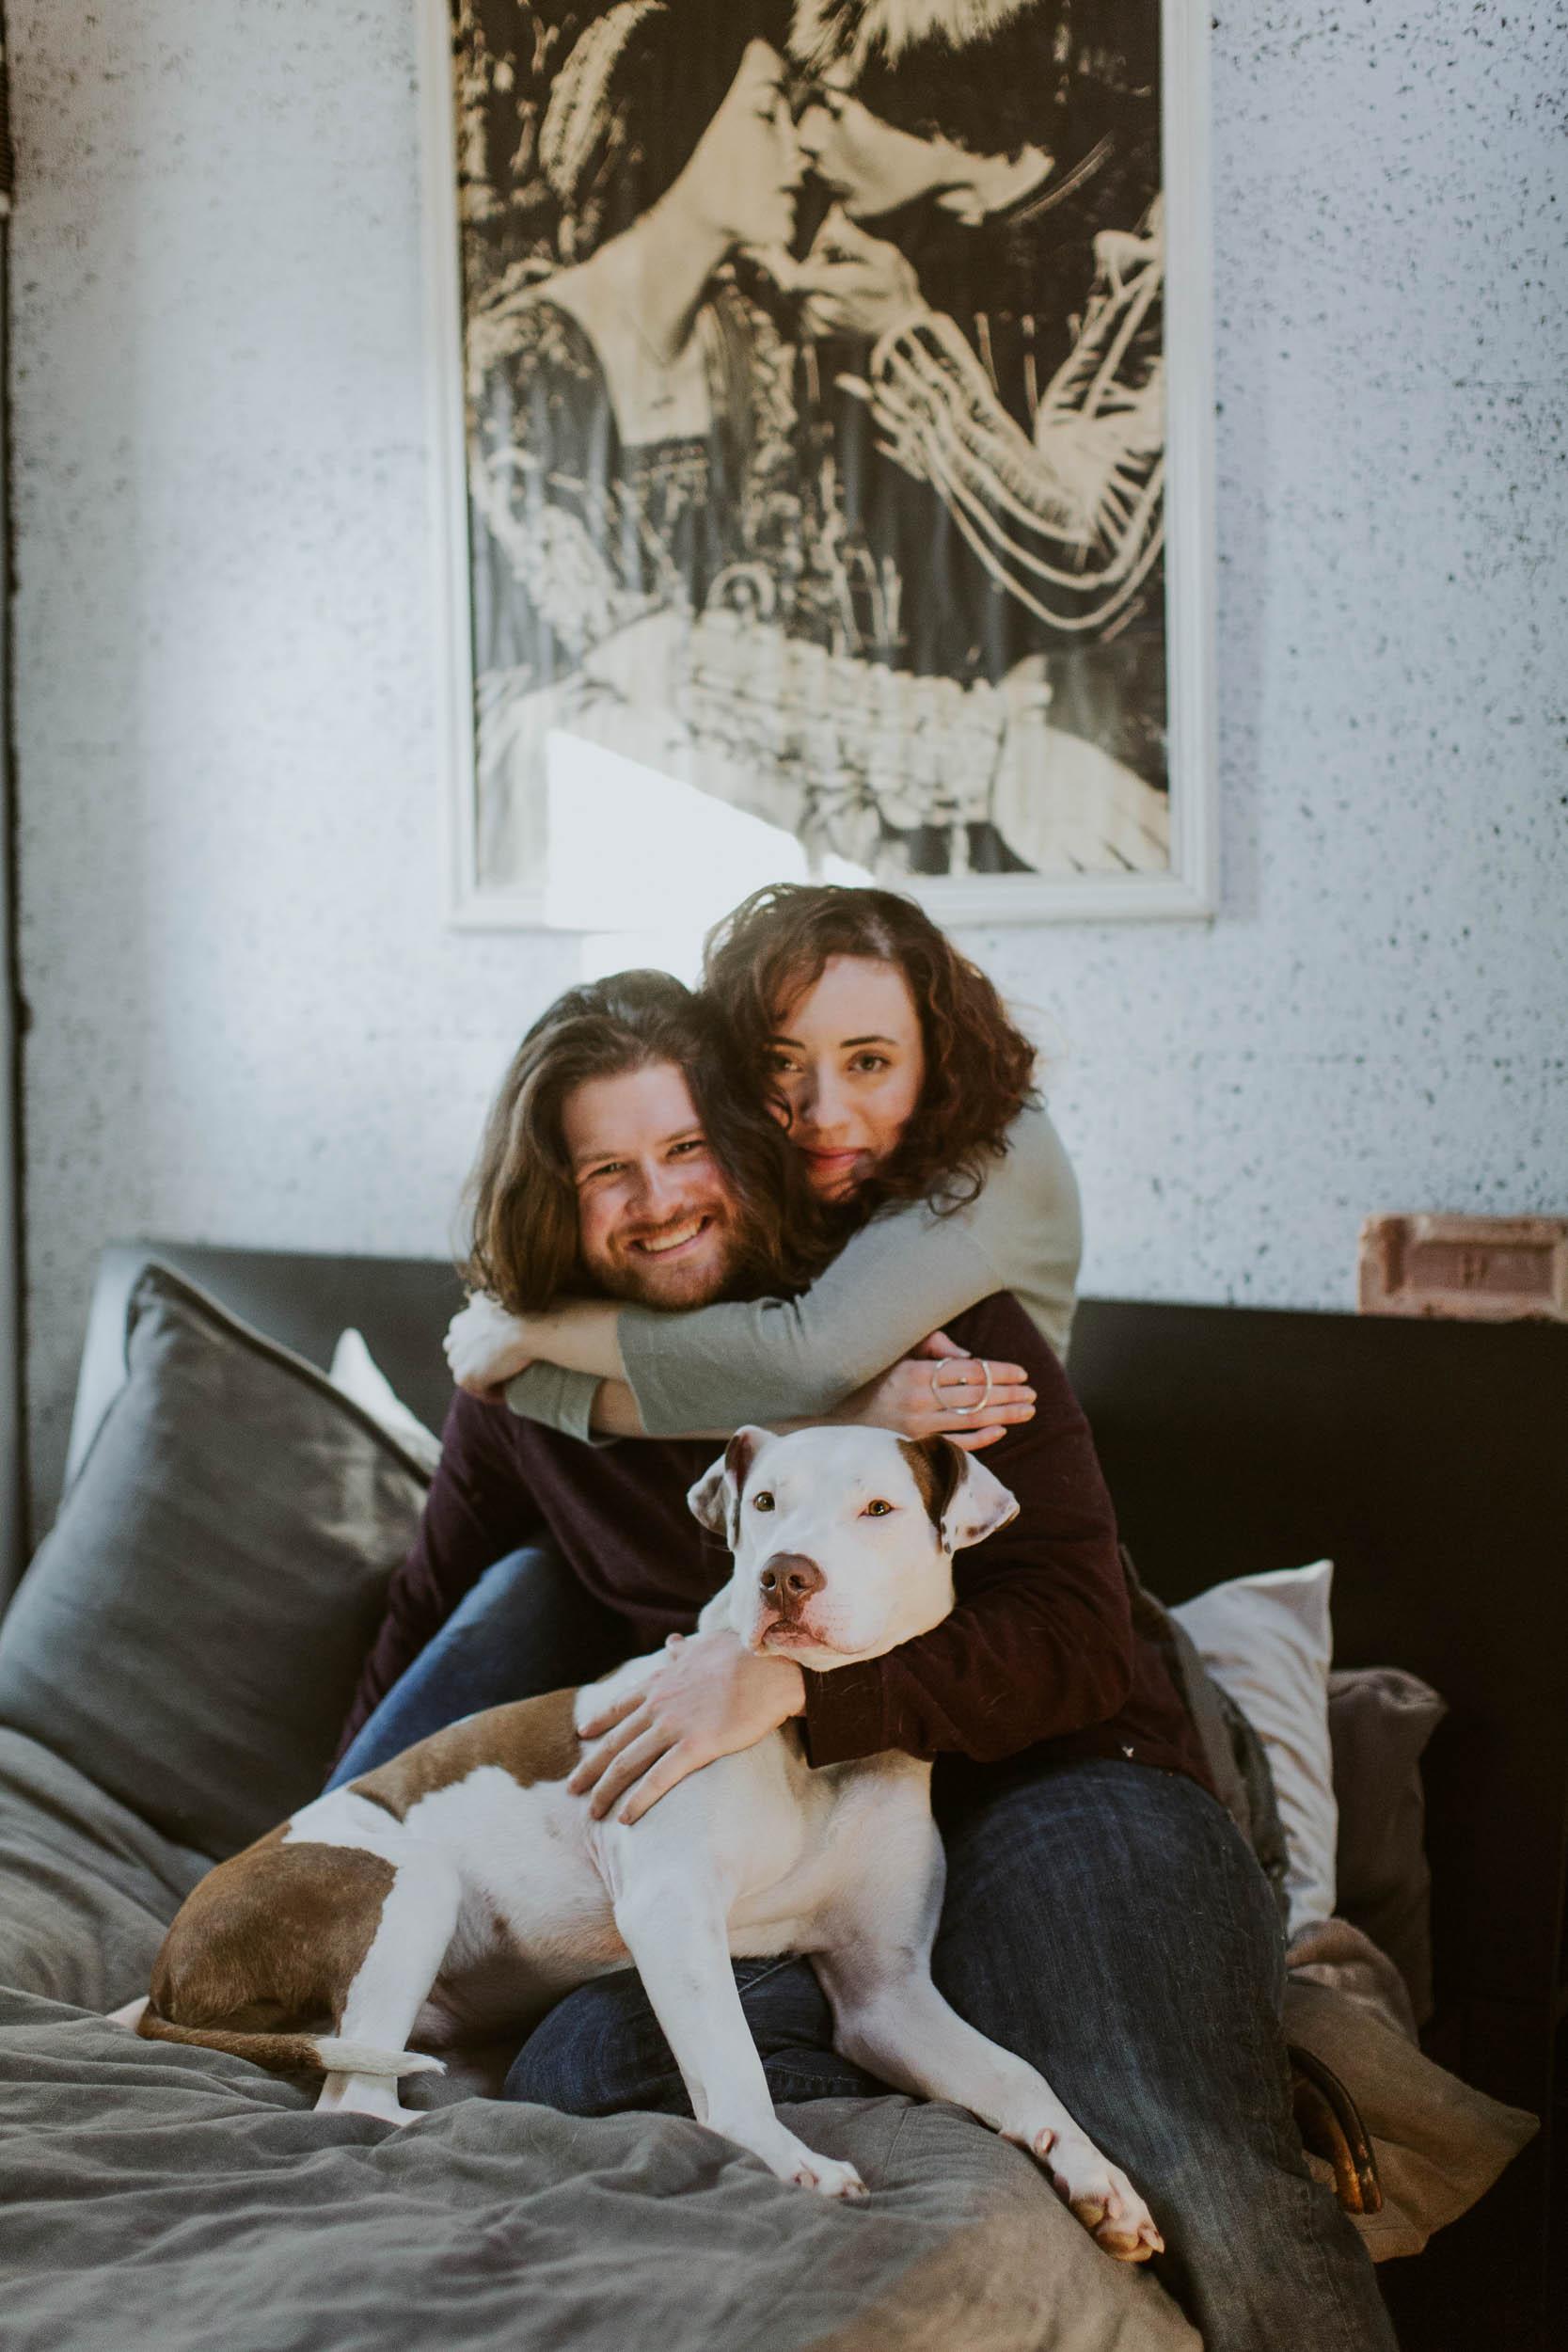 Kristen-Humbert-Family-Photoshoot-Philadelphia_Ruby-James-W-2-21.jpg